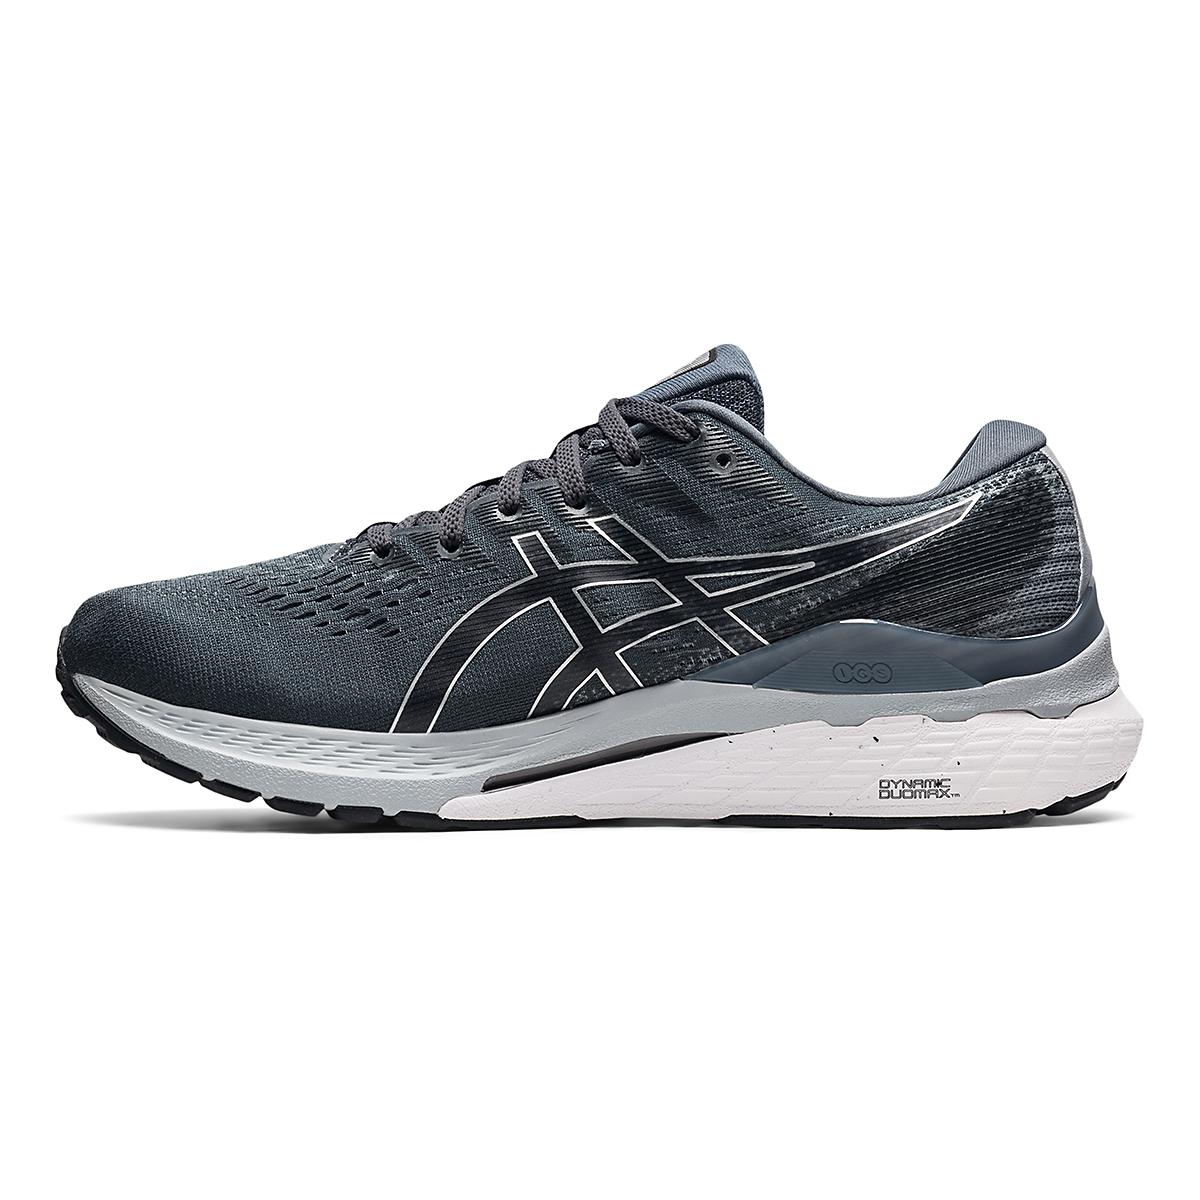 Men's Asics Gel-Kayano 28 Running Shoe - Color: Carrier Grey/Black - Size: 7 - Width: Wide, Carrier Grey/Black, large, image 2